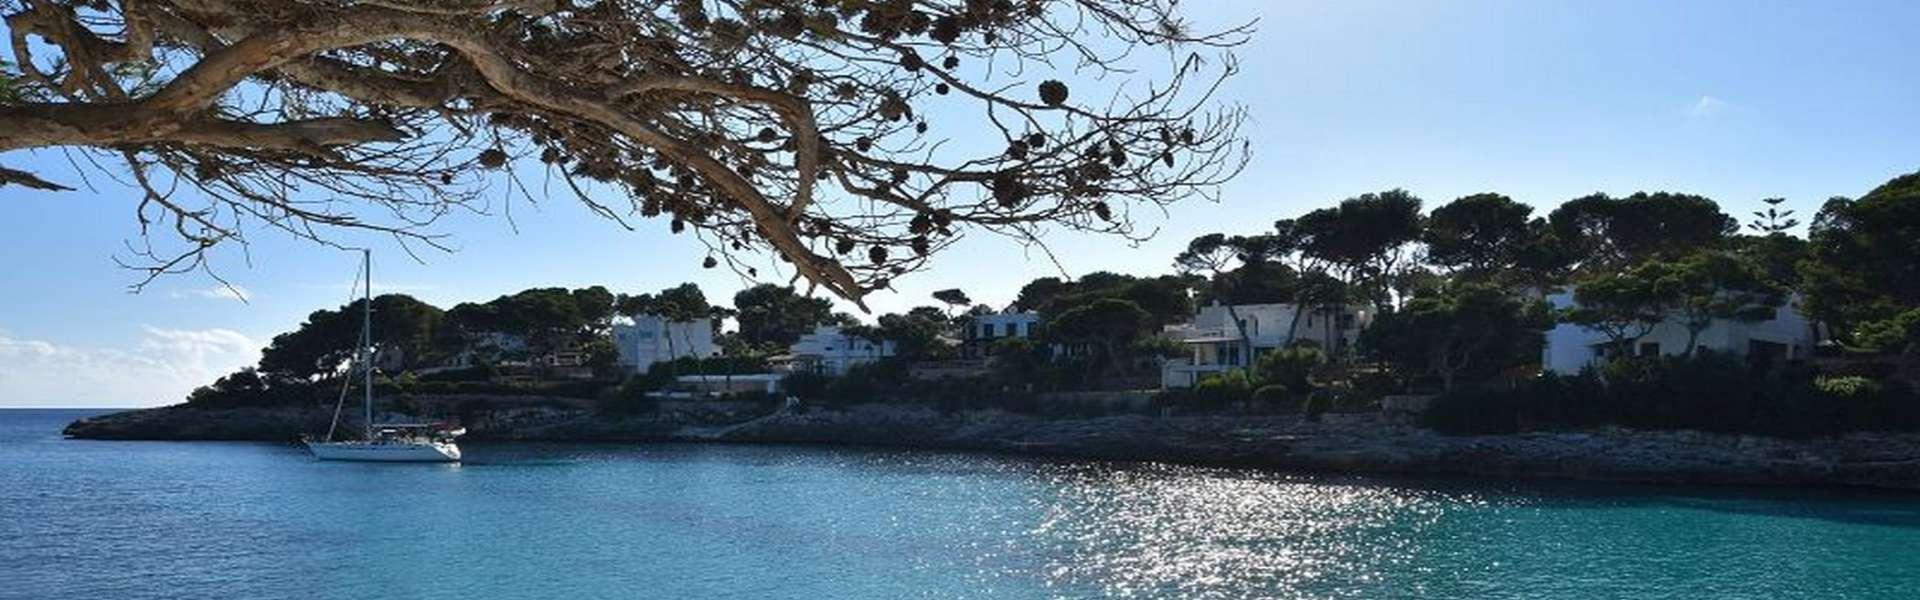 Terreno edificable en primera línea de mar y acceso a la playa en Cala d'Or